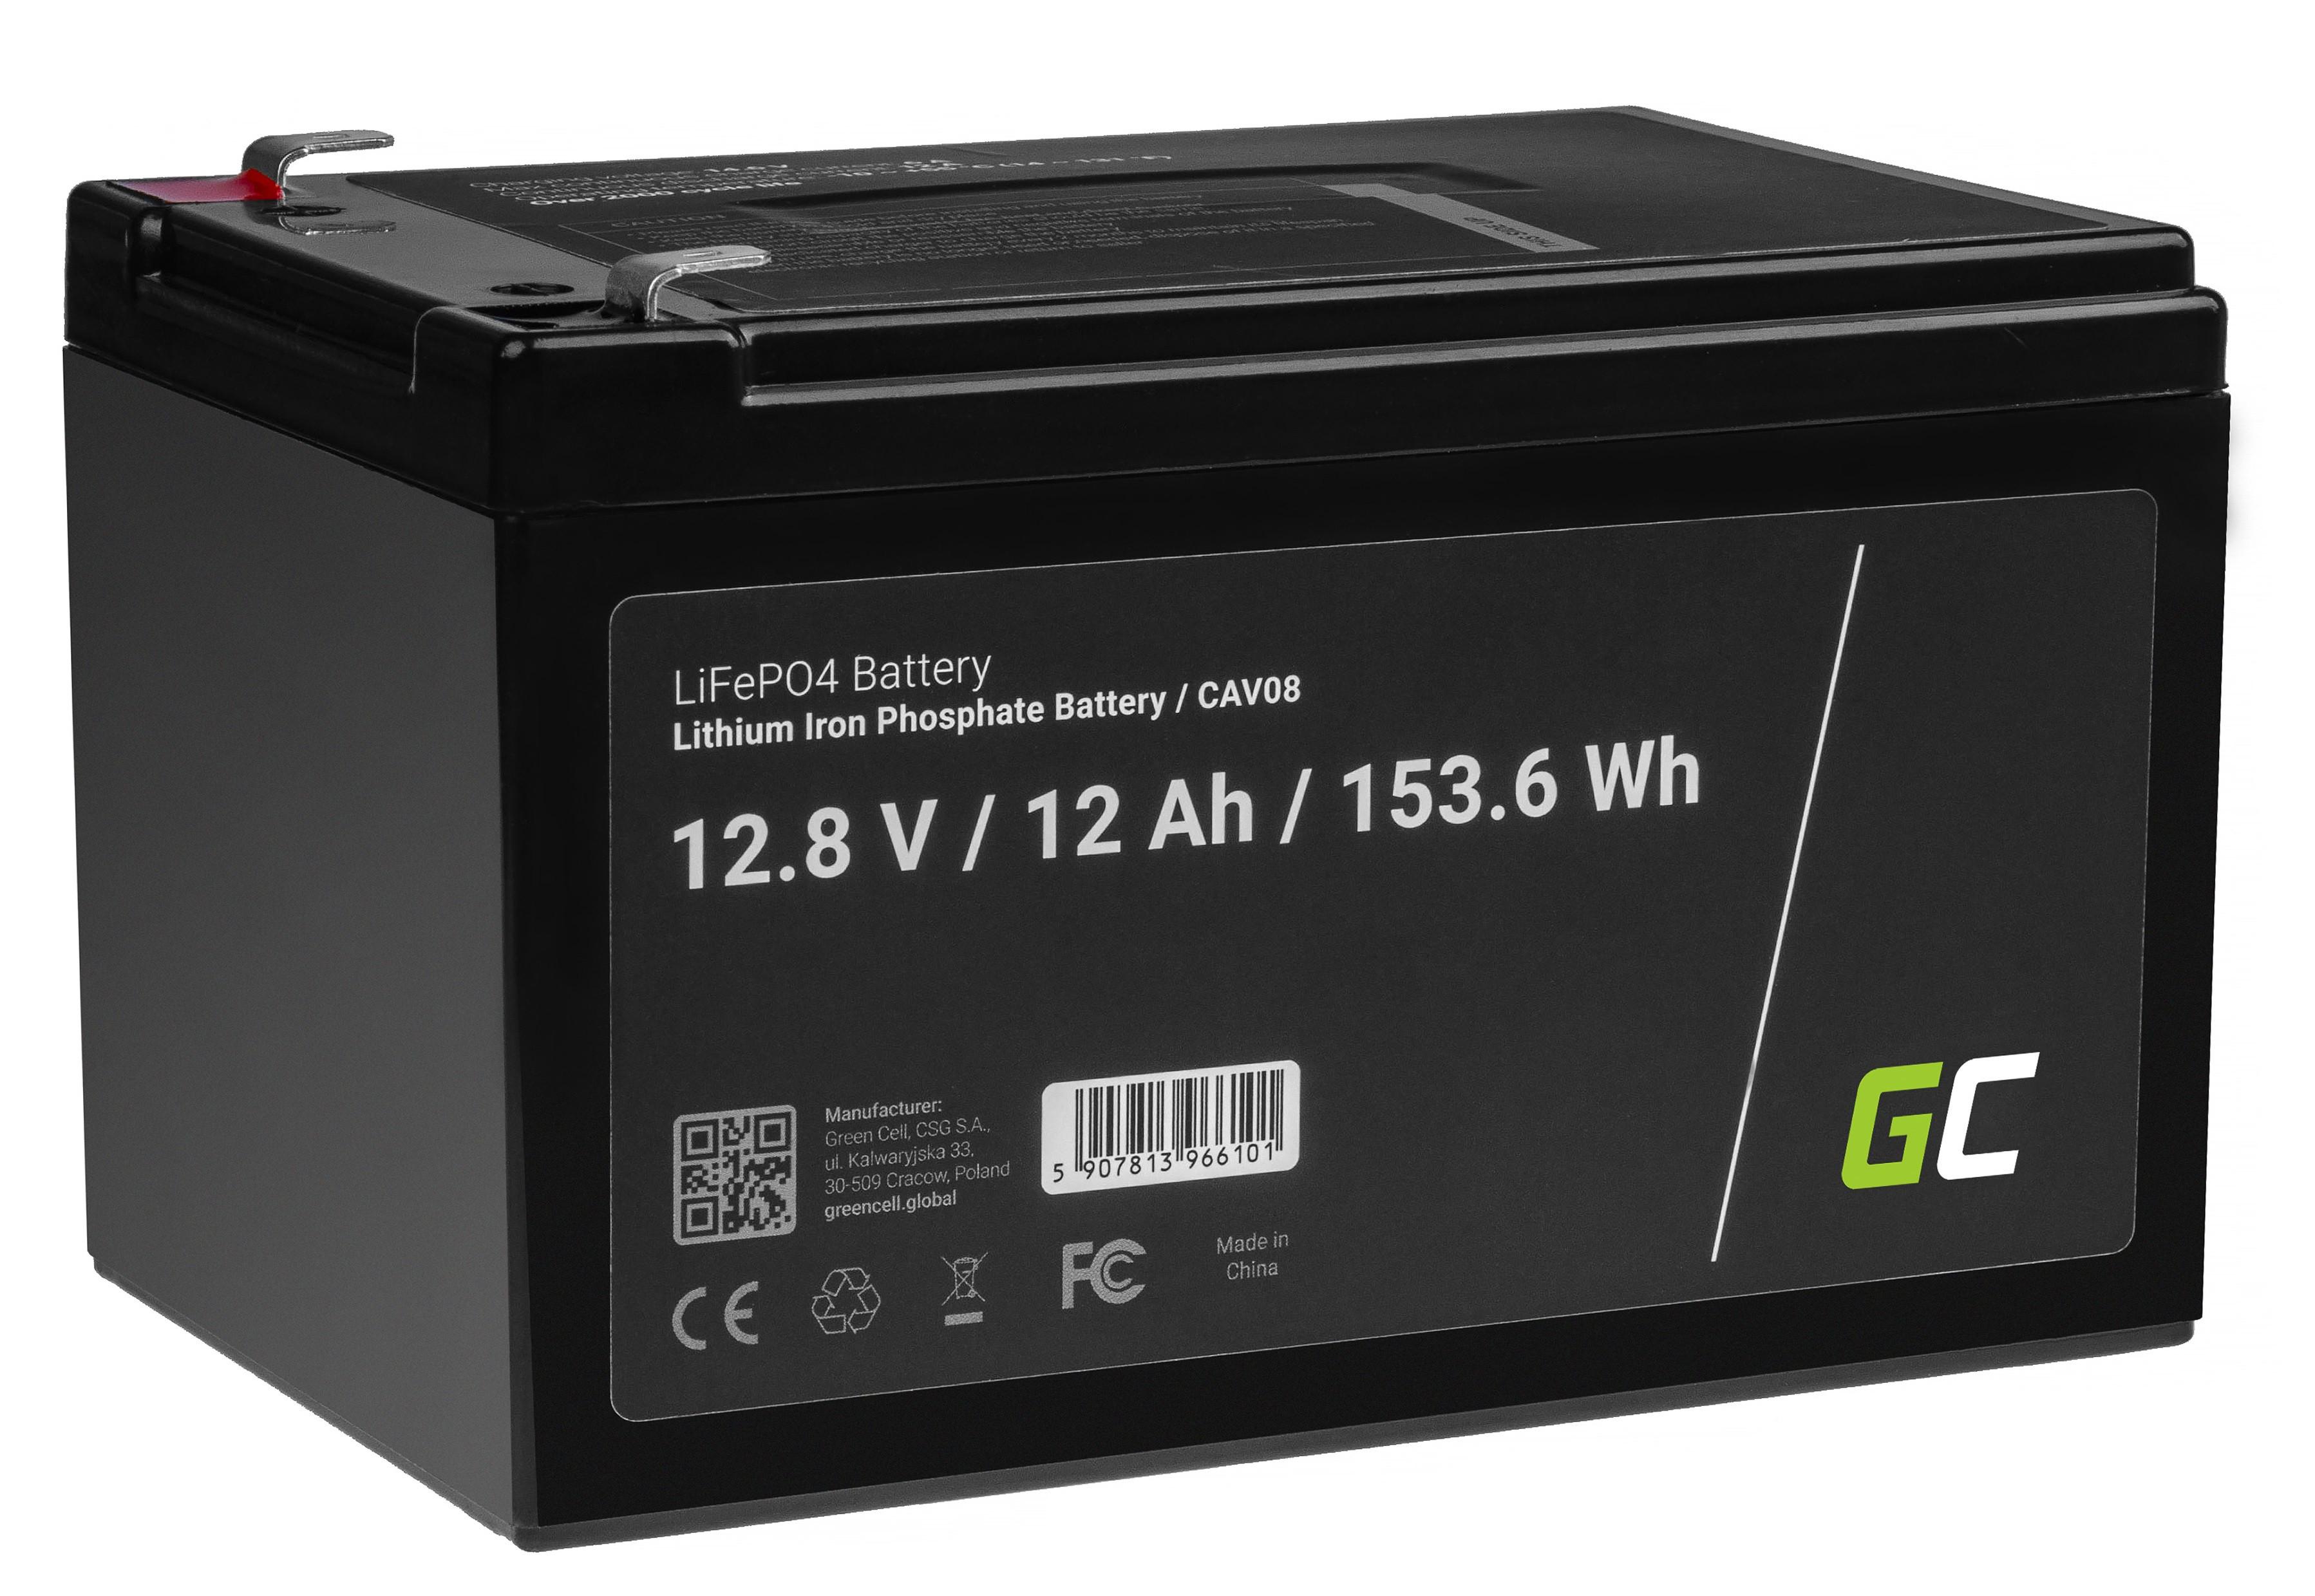 Baterie Green Cell Lithium-železo-fosfátová LiFePO4 baterie s nabíječkou 12V, 12,8V 12Ah pro solární panely, obytné automobily a lodě